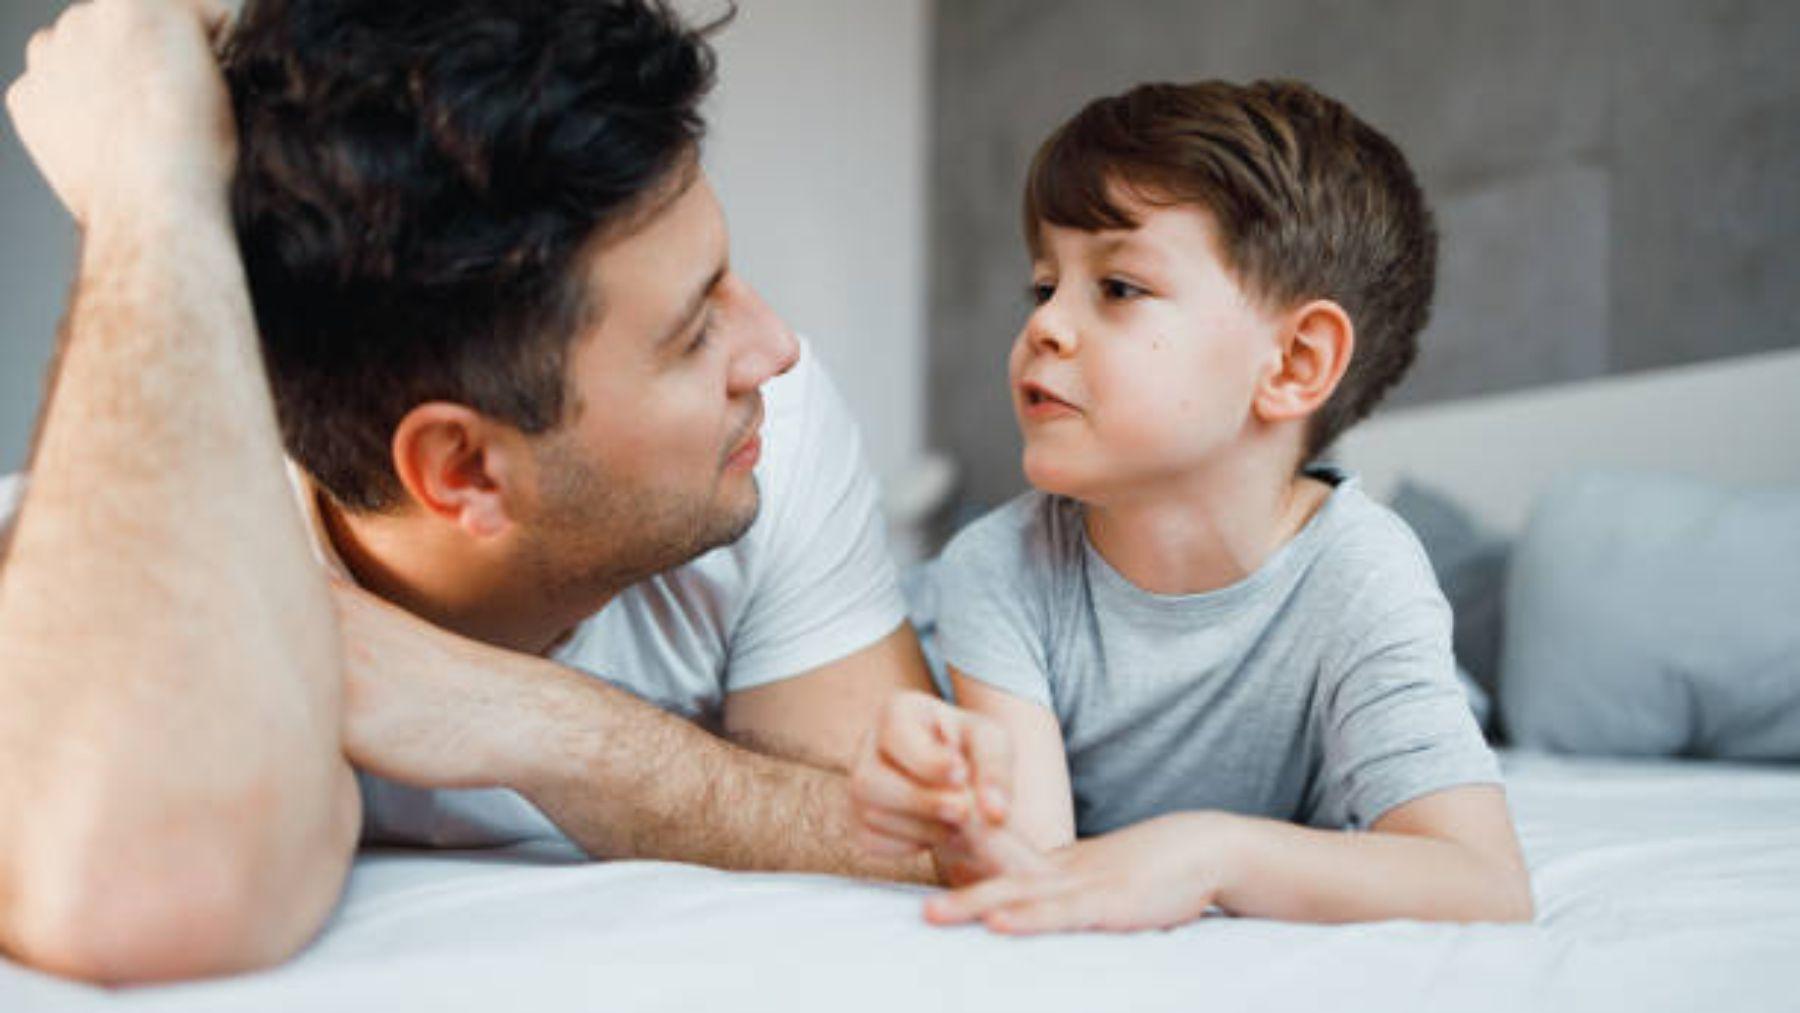 Las mejores frases de amor que podemos dedicar a nuestros hijos